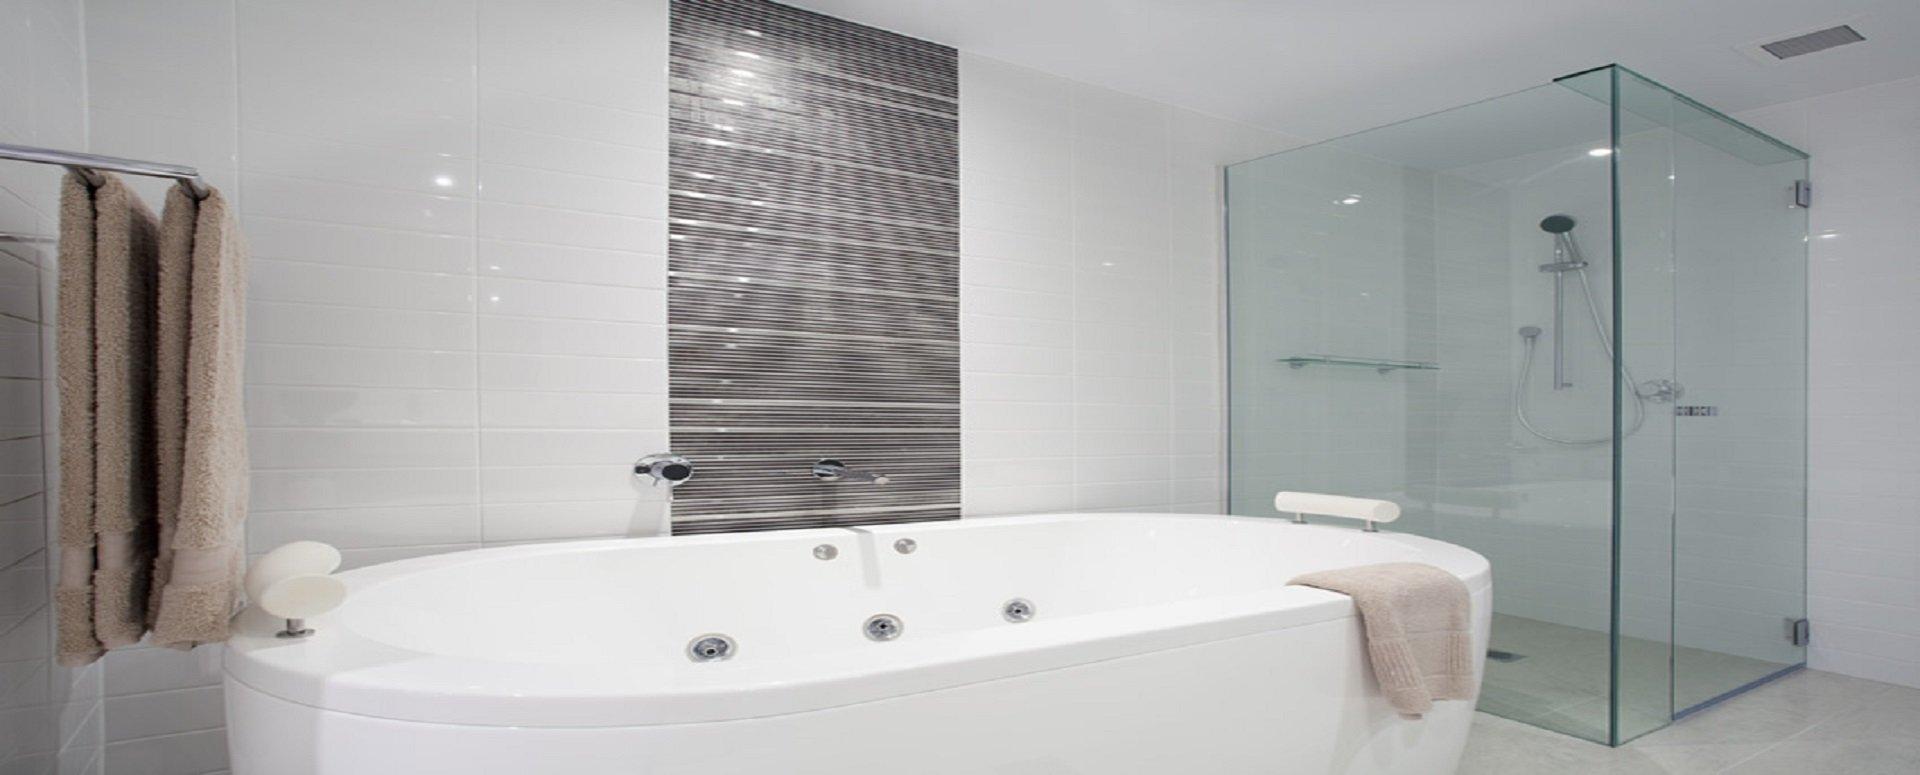 Travaux rénovation salle de bain devis et prix - GROUPE EGR